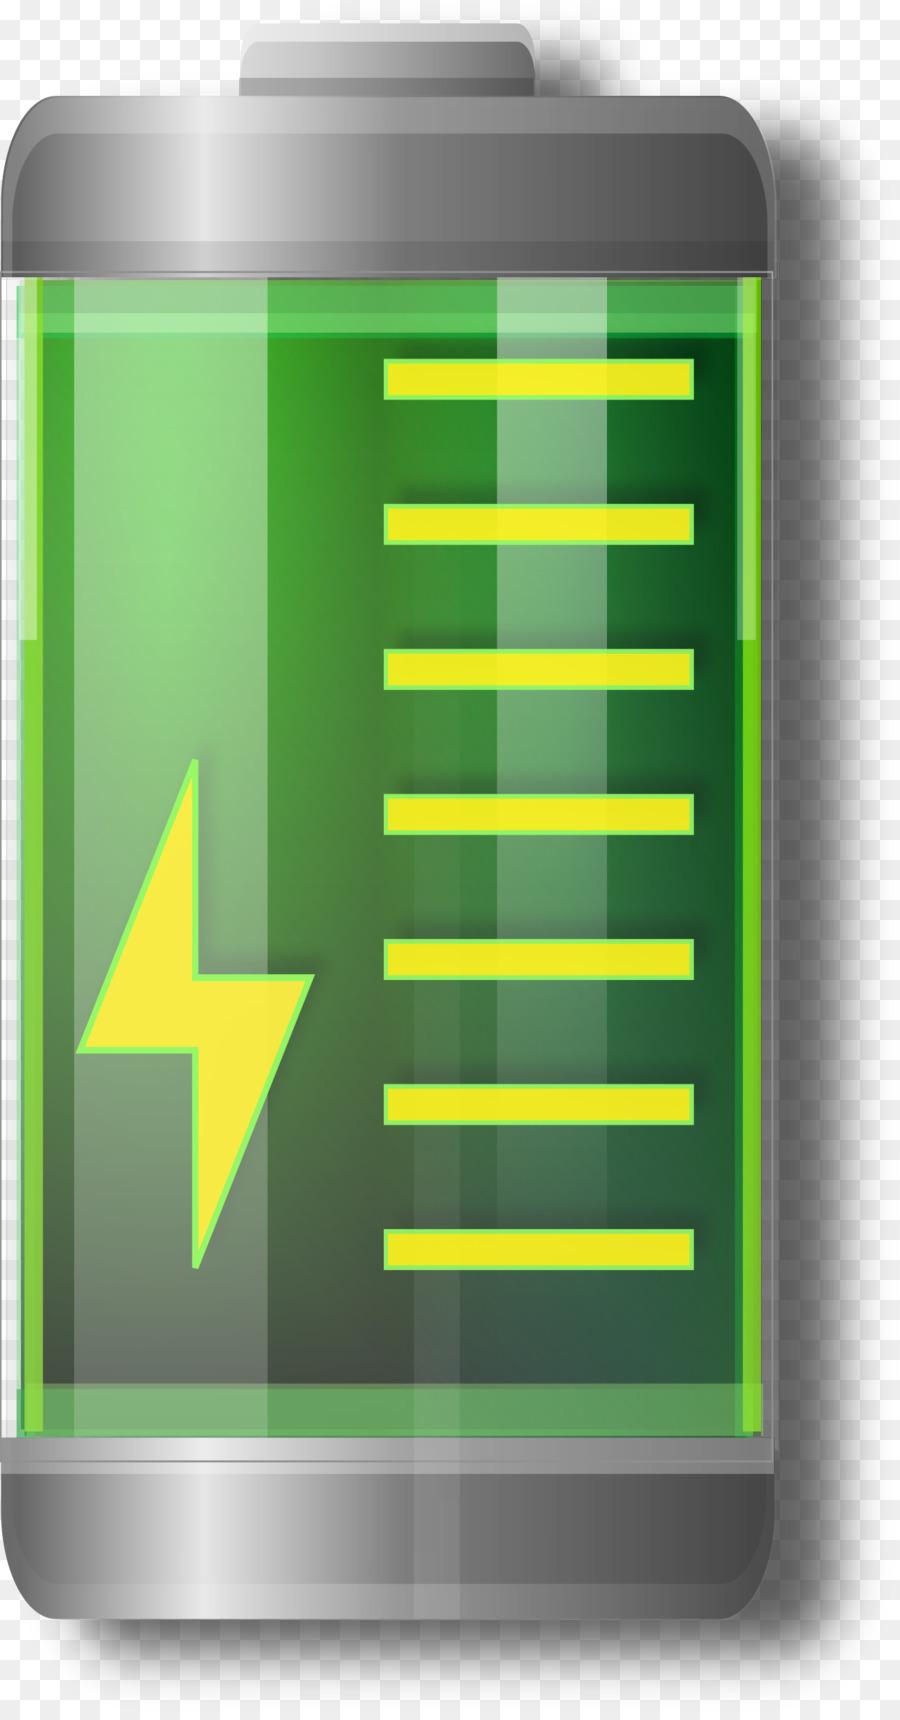 картинка индикатор заряда батареи необходимости